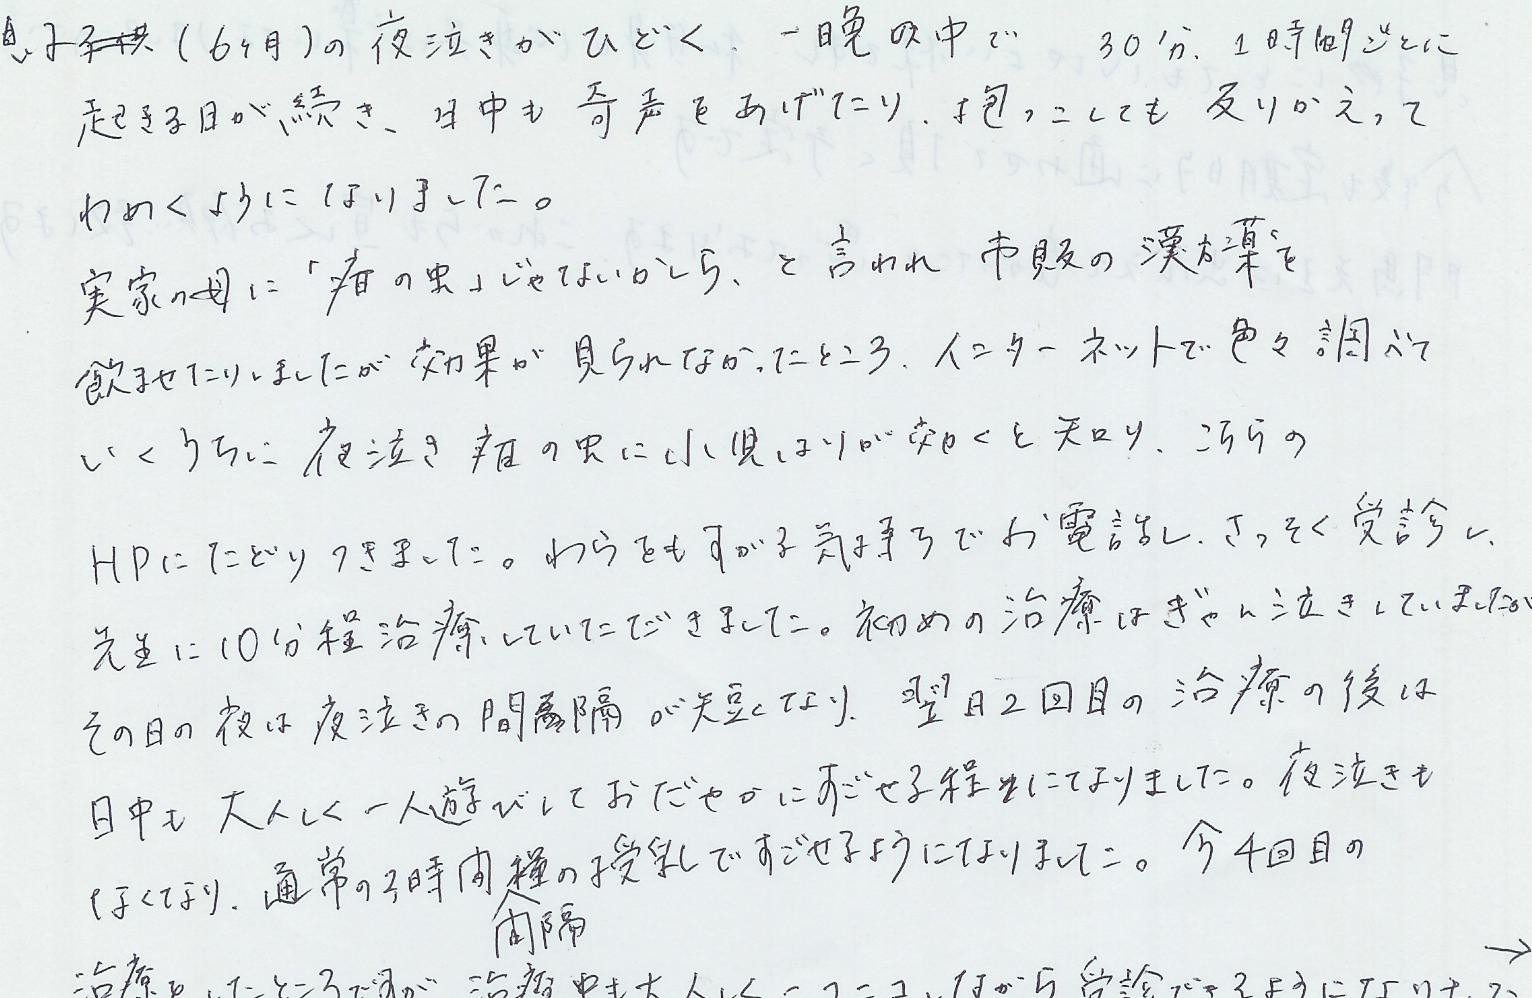 患者様からの手紙